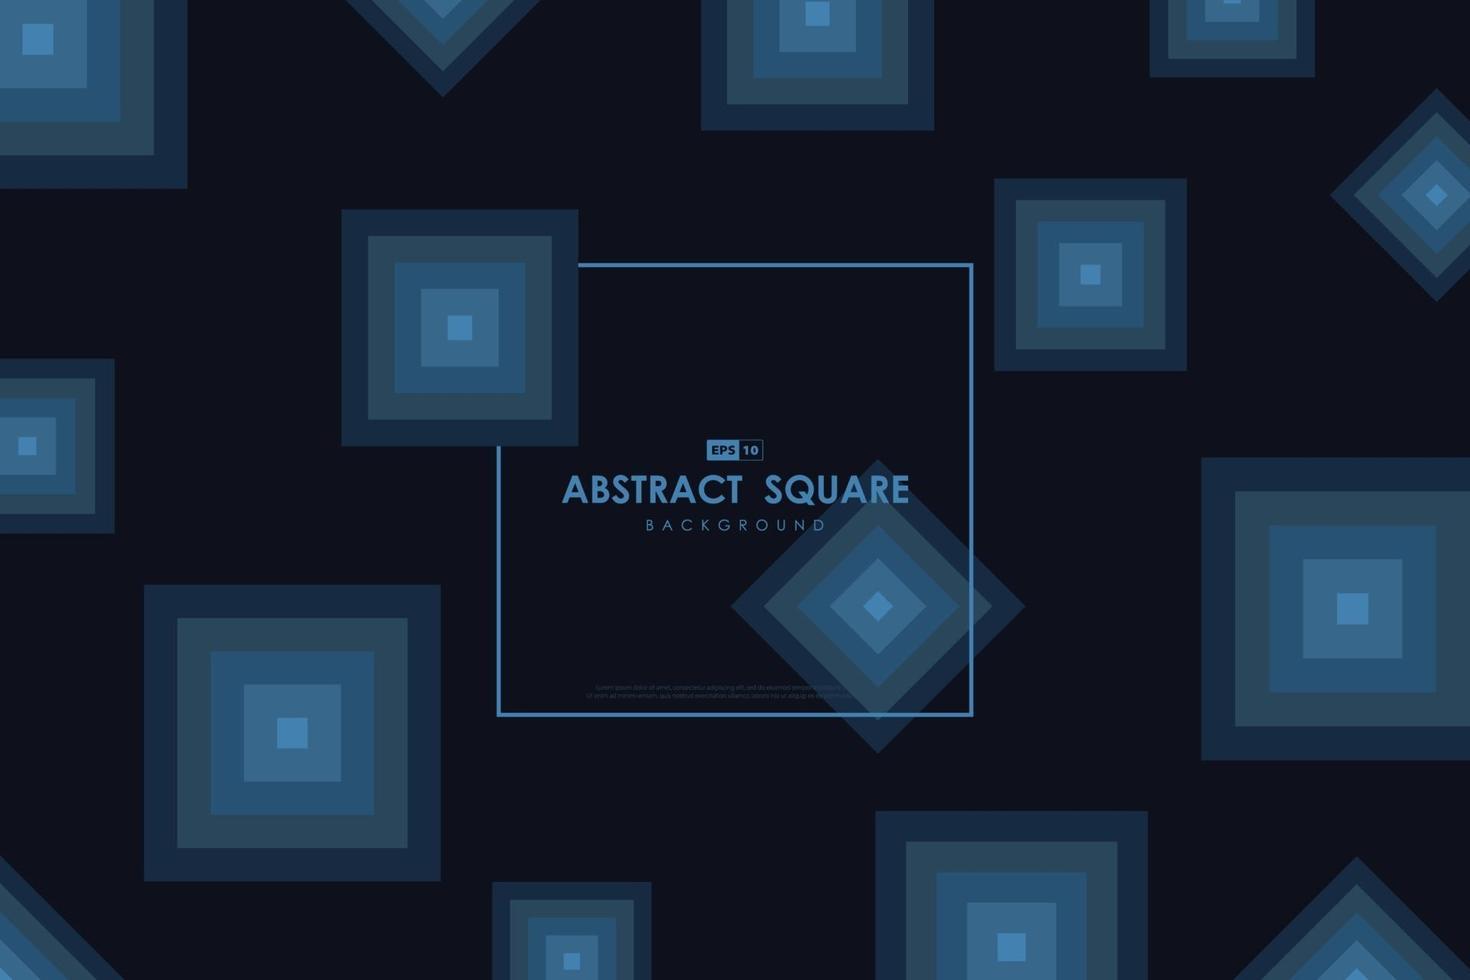 abstrakter blauer minimaler quadratischer Mustergrafikplakatdesignhintergrund. Illustrationsvektor eps10 vektor